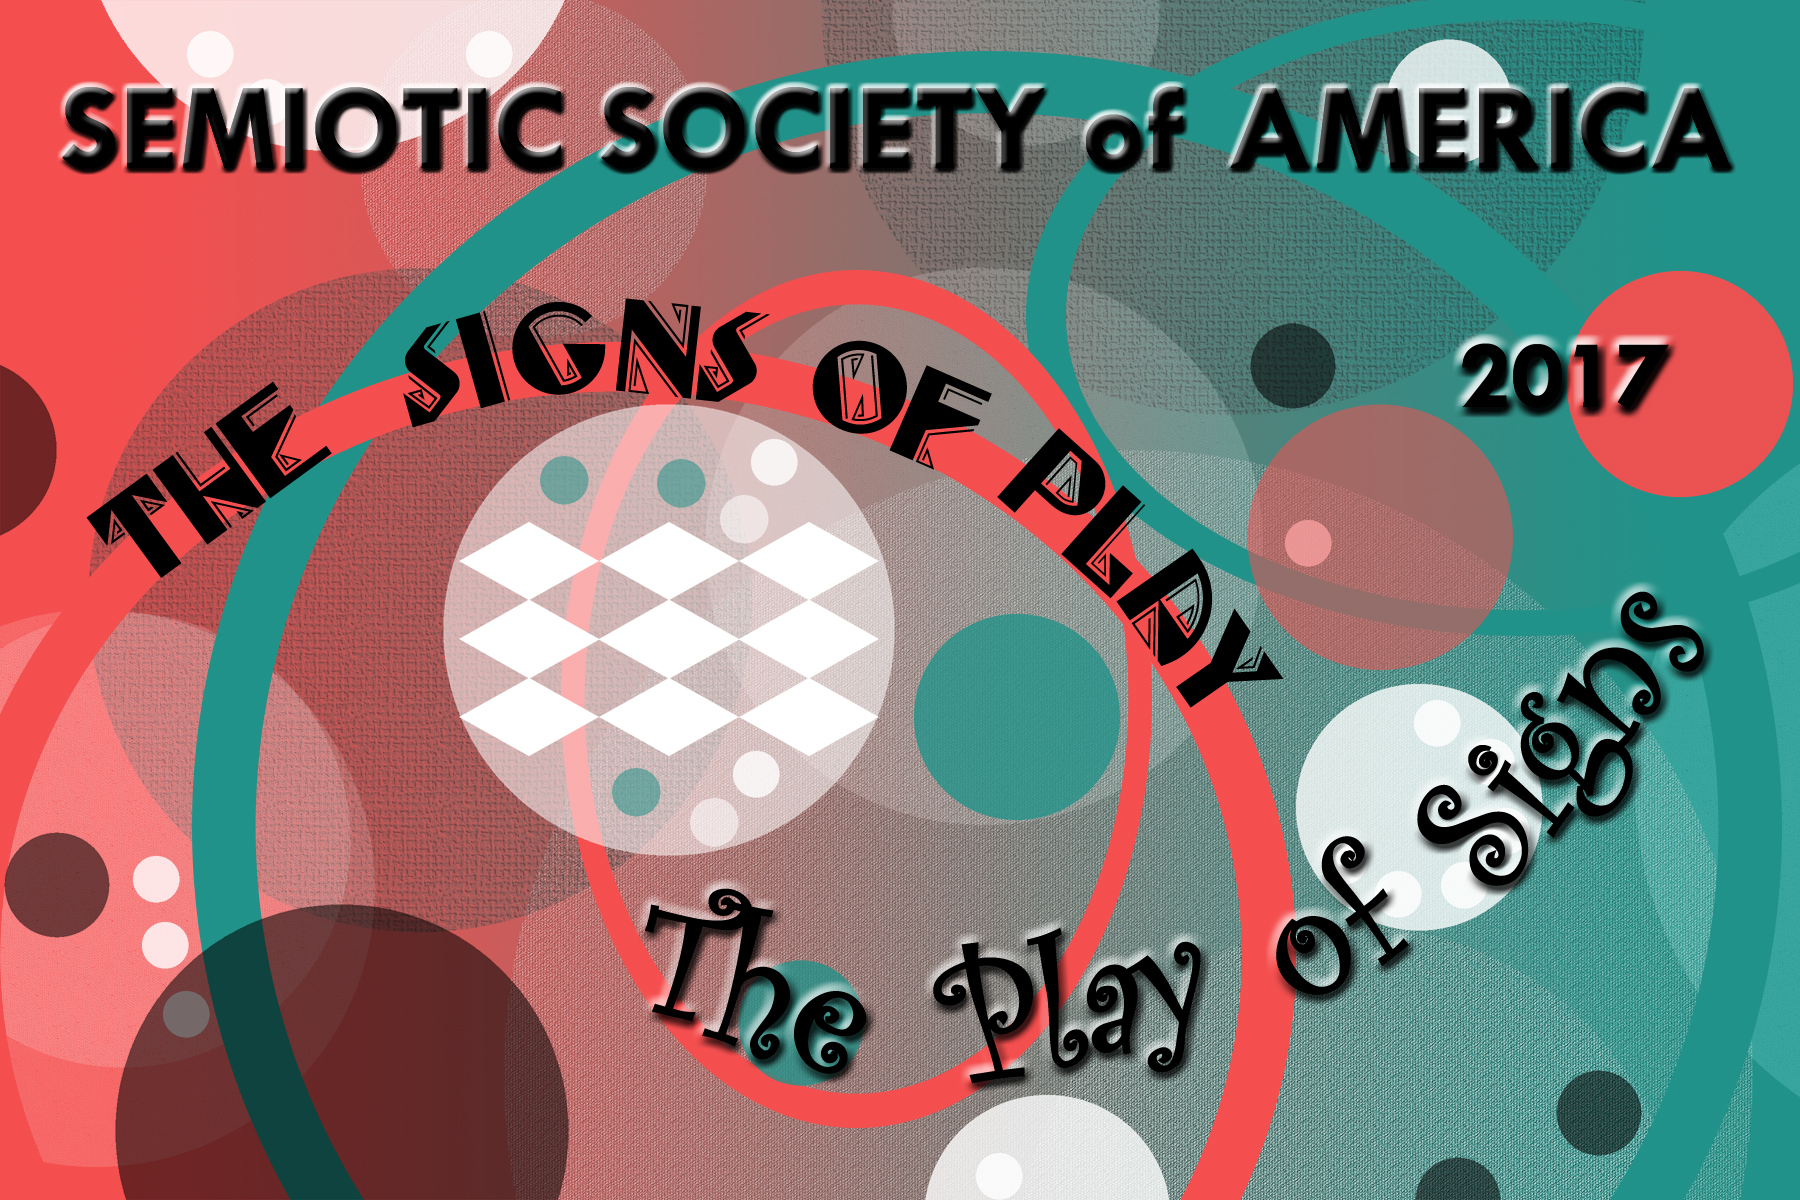 Logo 3 SSA 2017 4 x 6 play copy.jpeg